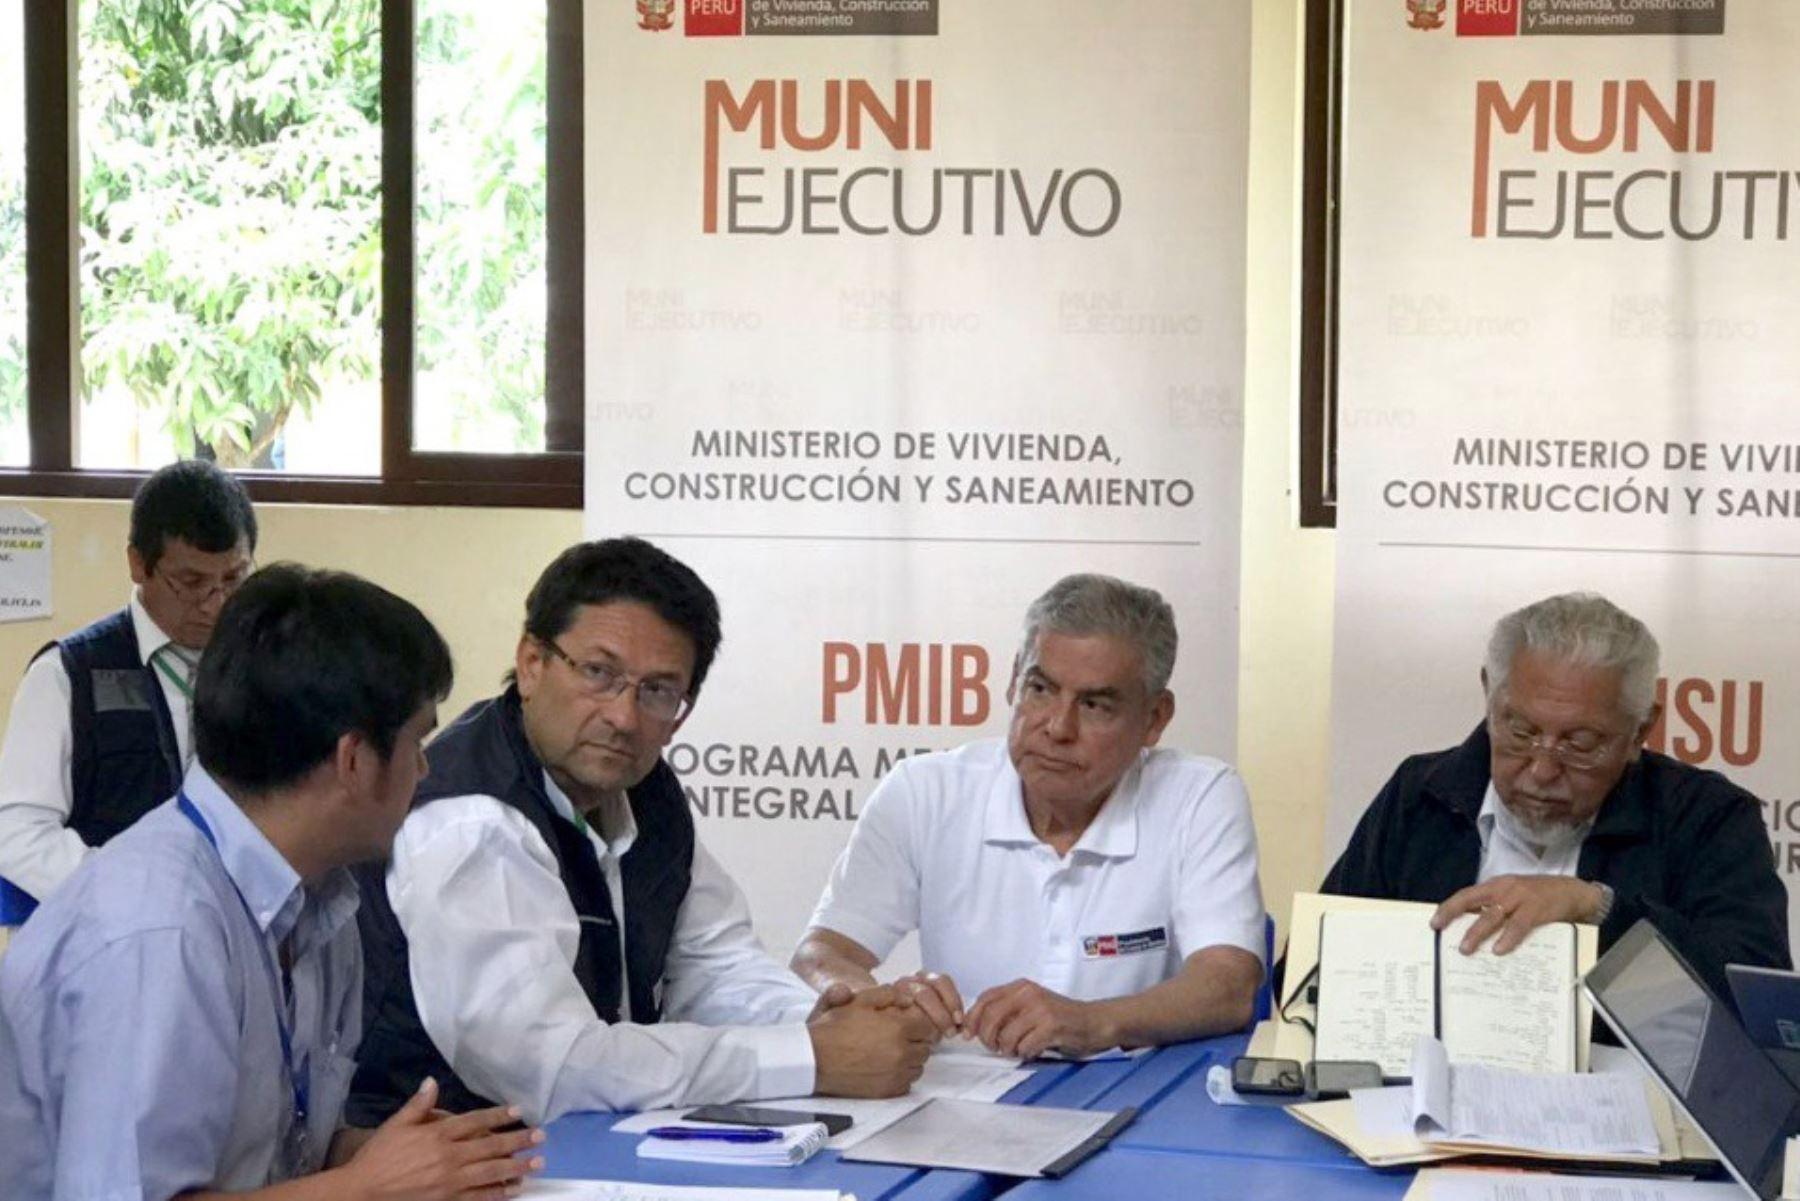 El presidente del Consejo de Ministros, César Villanueva, y siete ministros de Estado se reúnen con once alcaldes provinciales de Huánuco, en el marco del Muni Ejecutivo con el propósito de identificar y priorizar un conjunto de proyectos de inversión en diversos sectores para beneficio de la población de esa región.